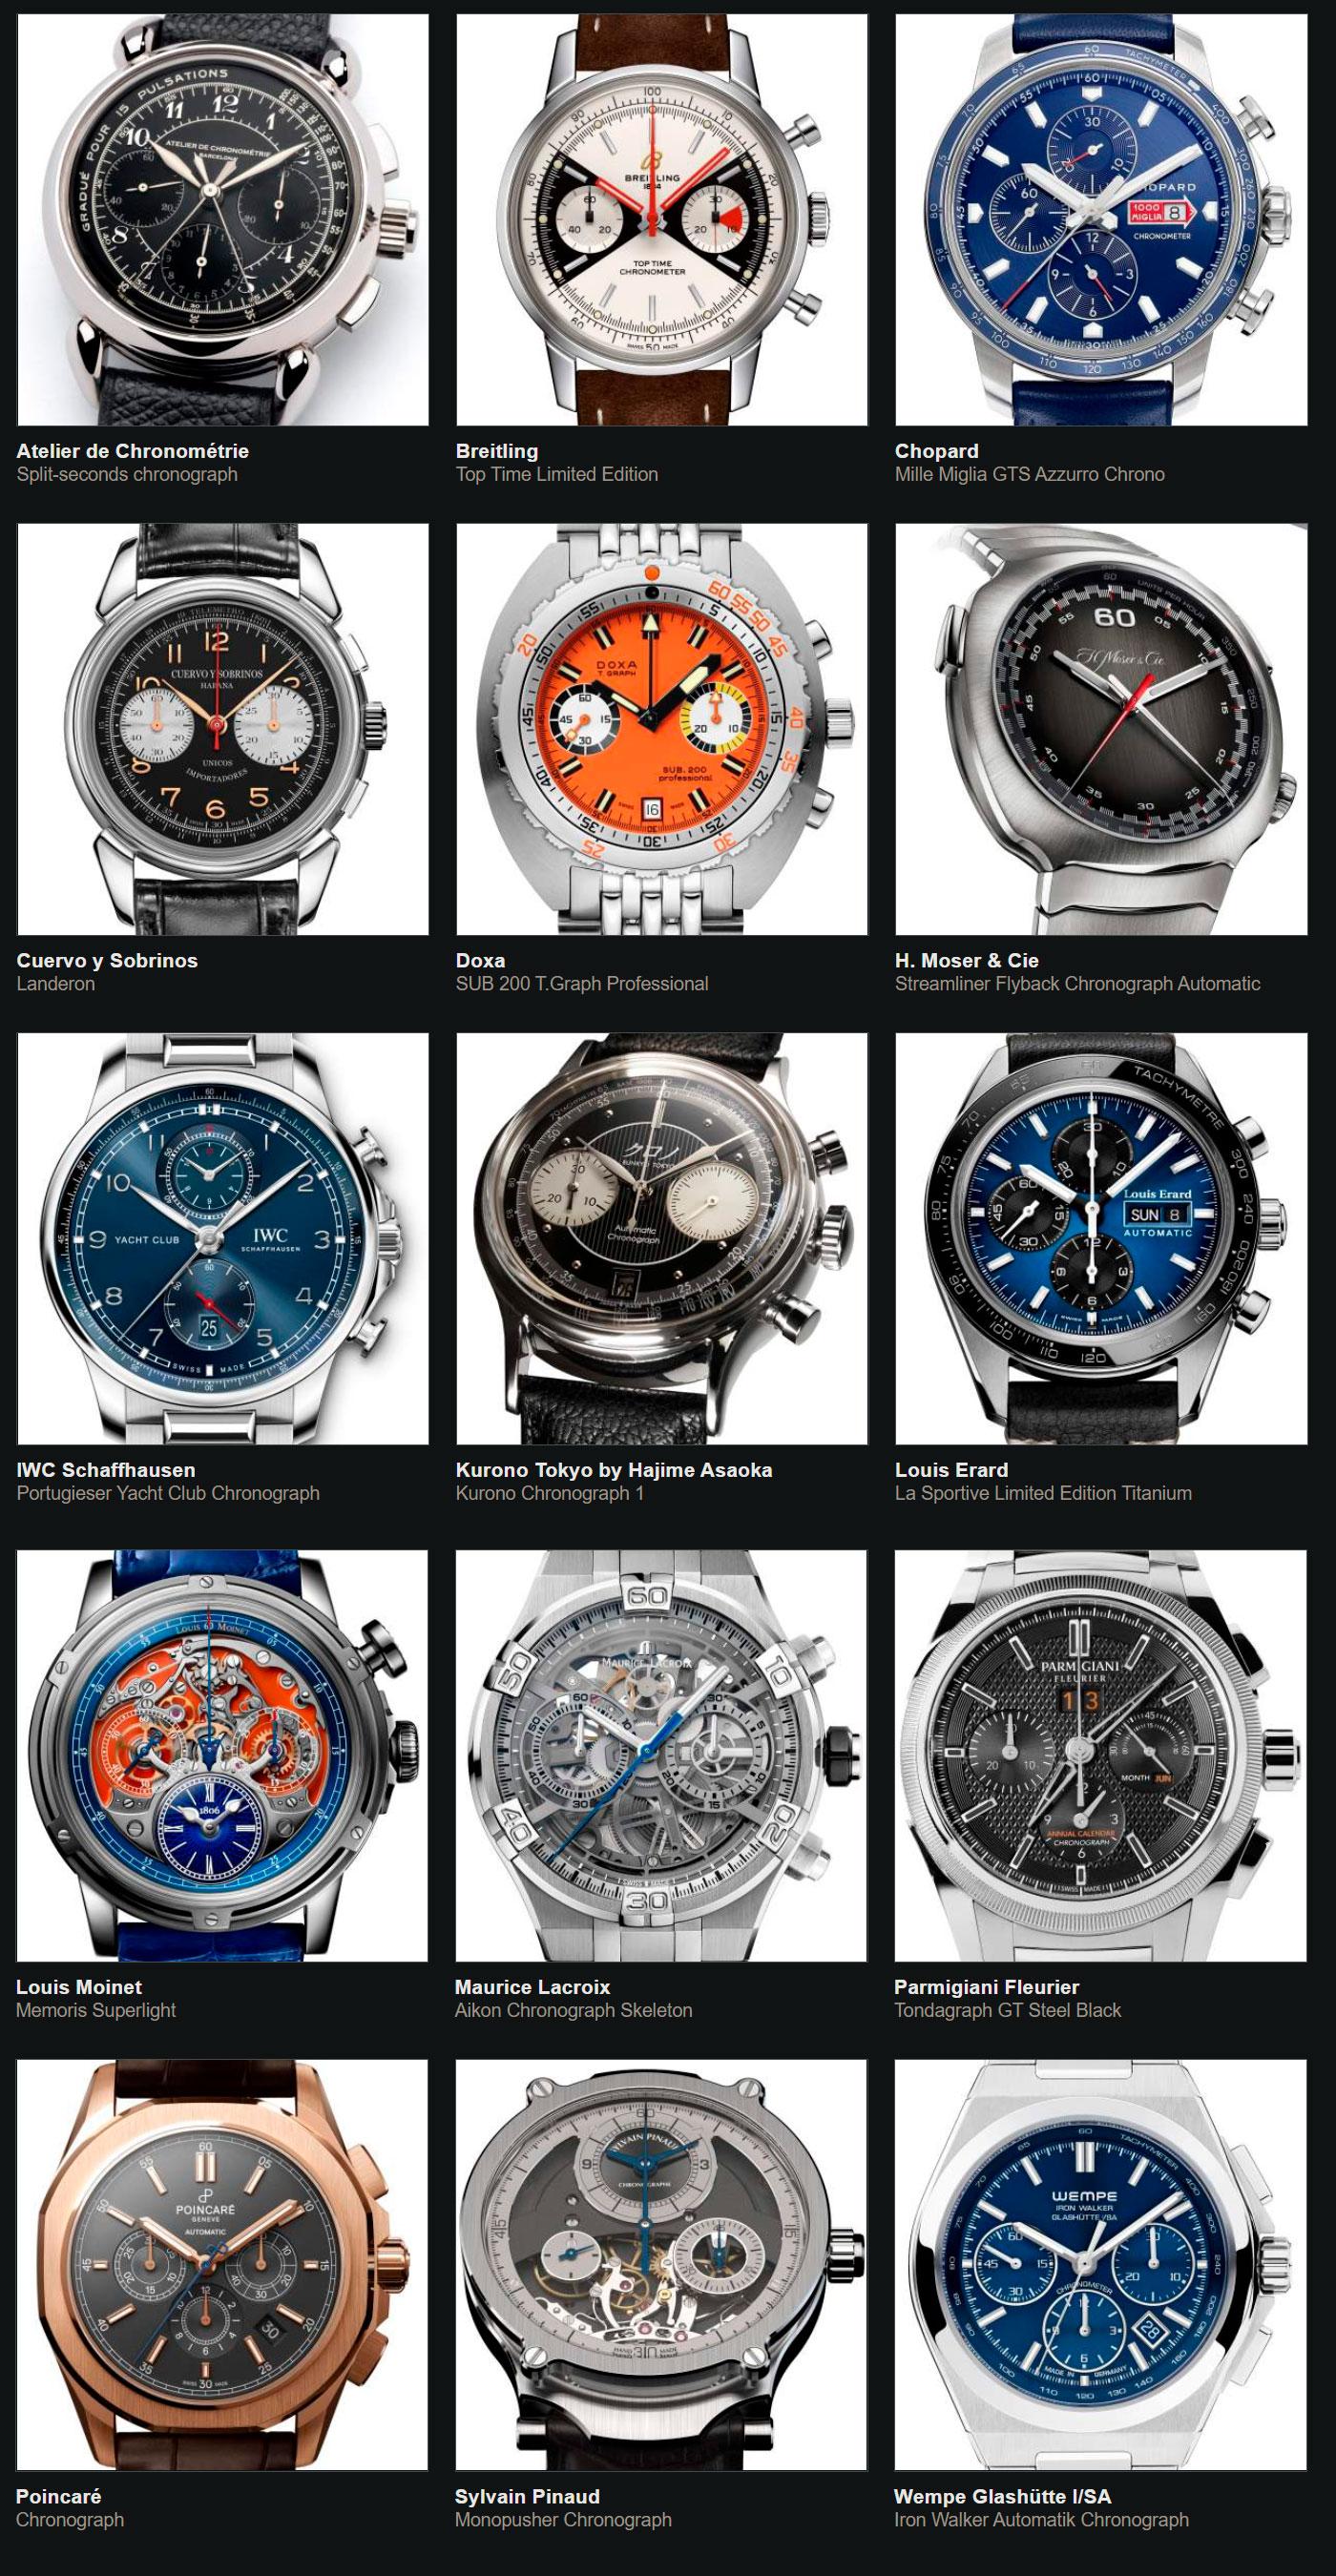 Relojes preseleccionados para el Gran Premio de Relojería de Ginebra 2020 Divers